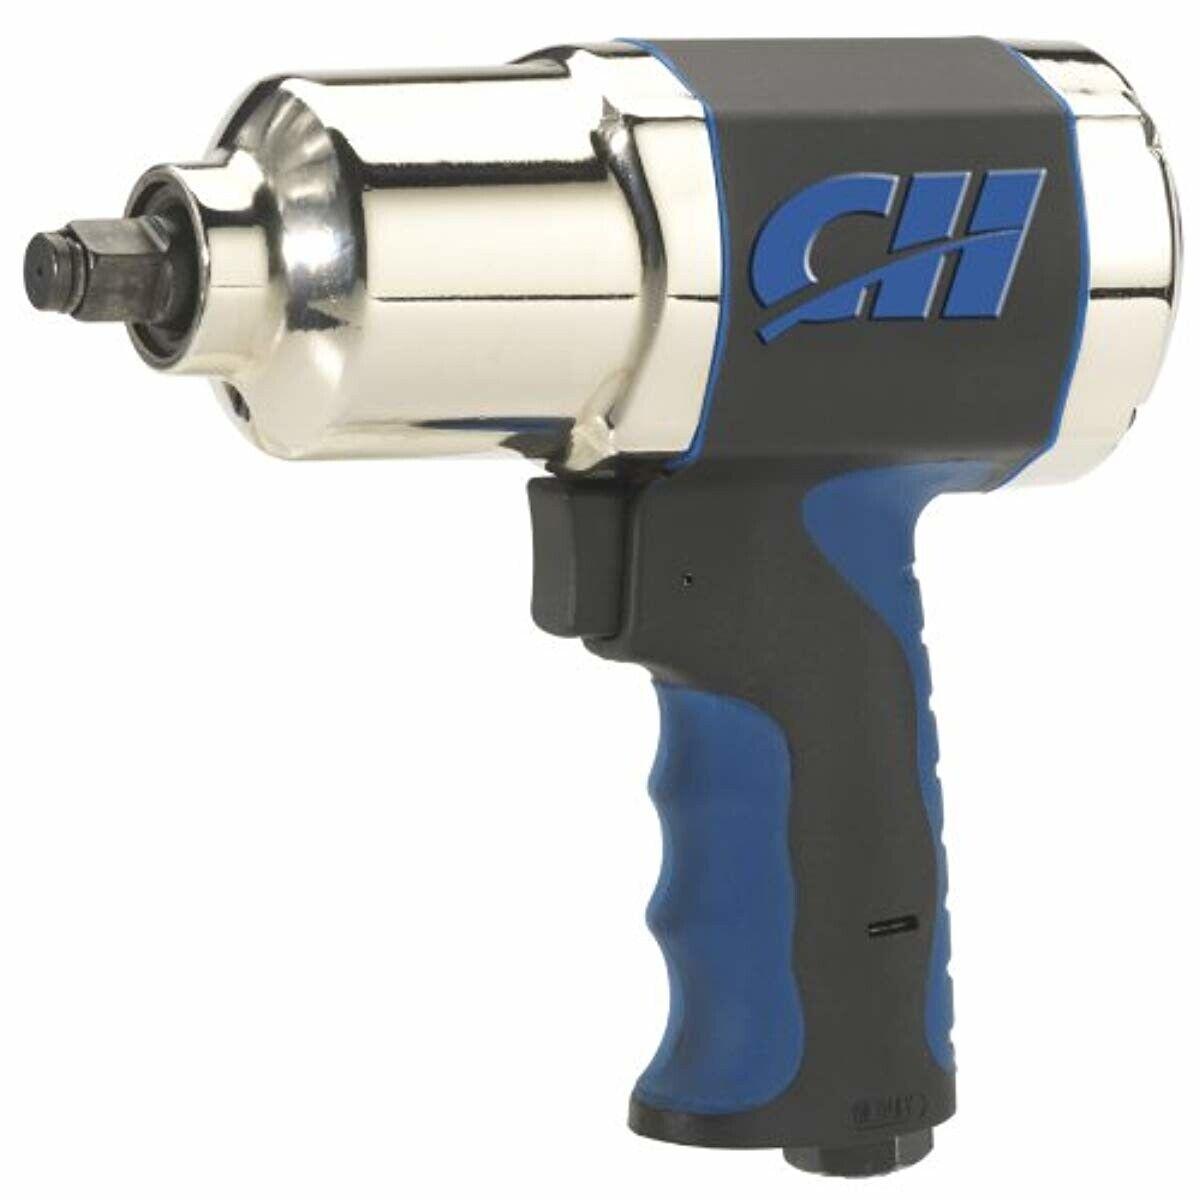 pneumatic impact wrench gun 1 2 inch